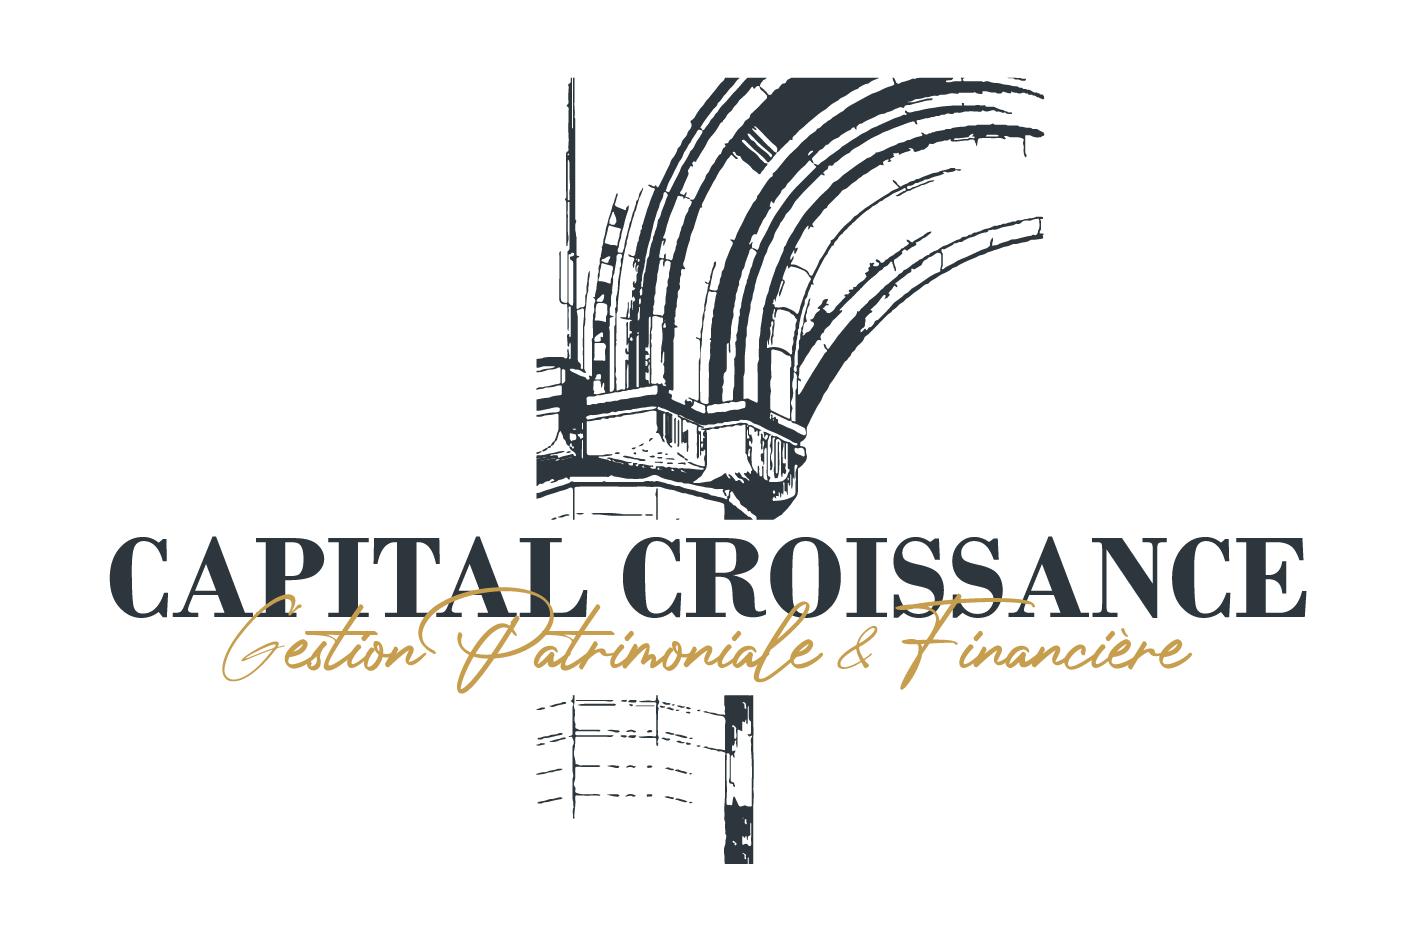 CAPITAL CROISSANCE